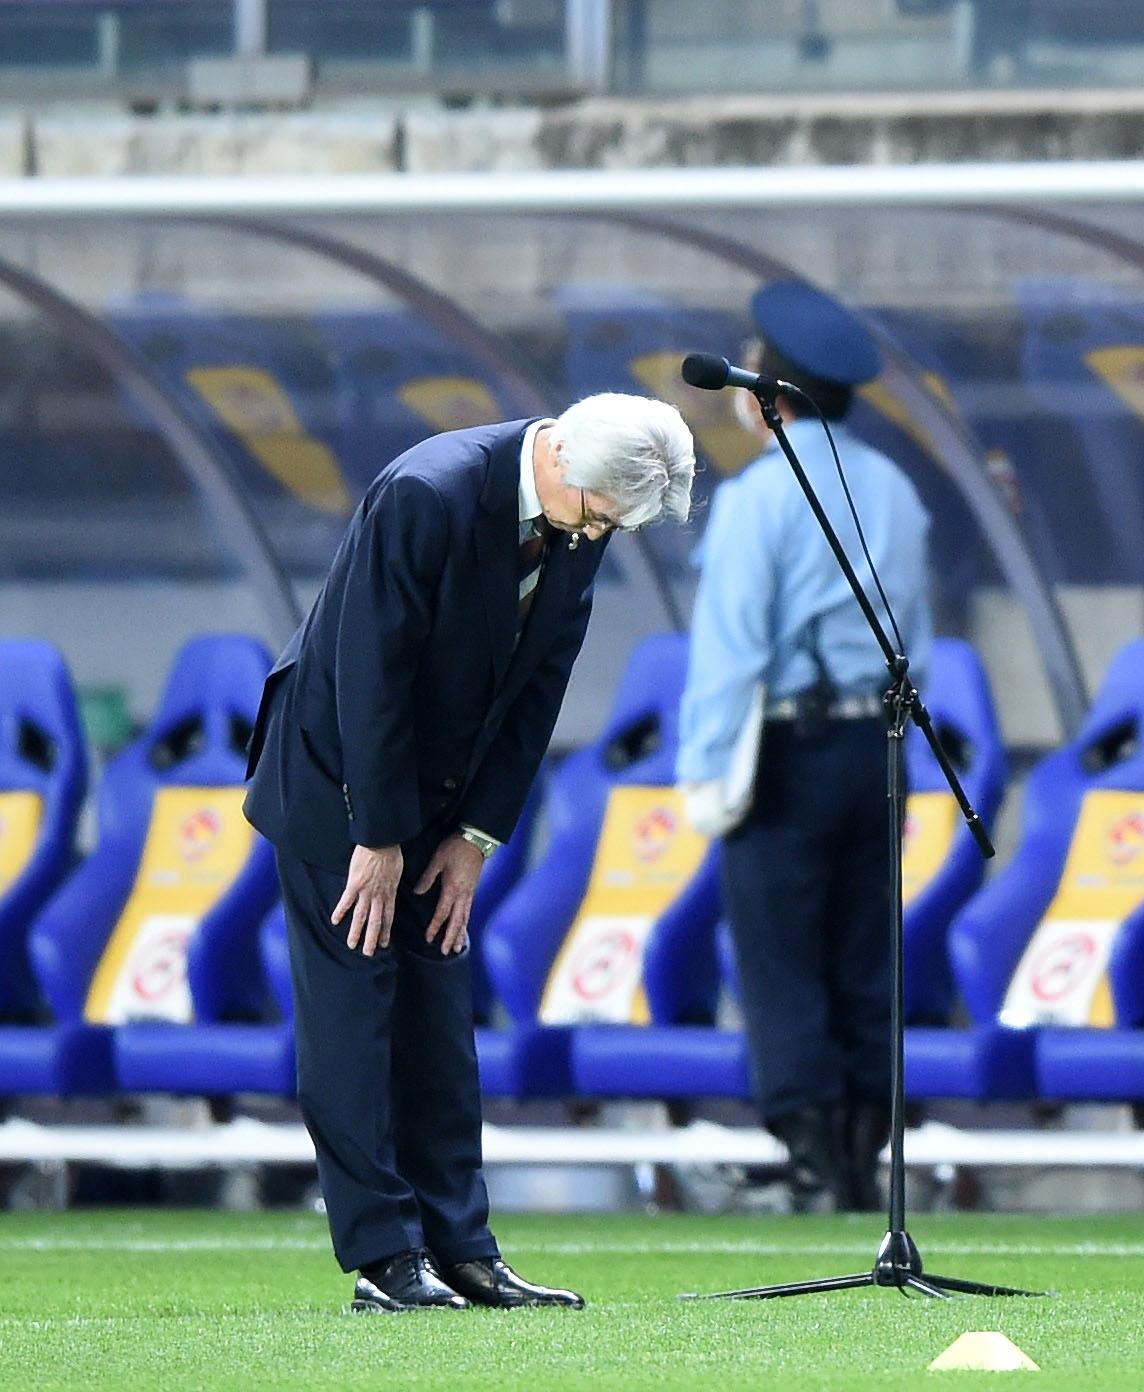 仙台対神戸 試合前、サポーターに頭を下げる仙台の菊池秀逸社長(撮影・横山健太)